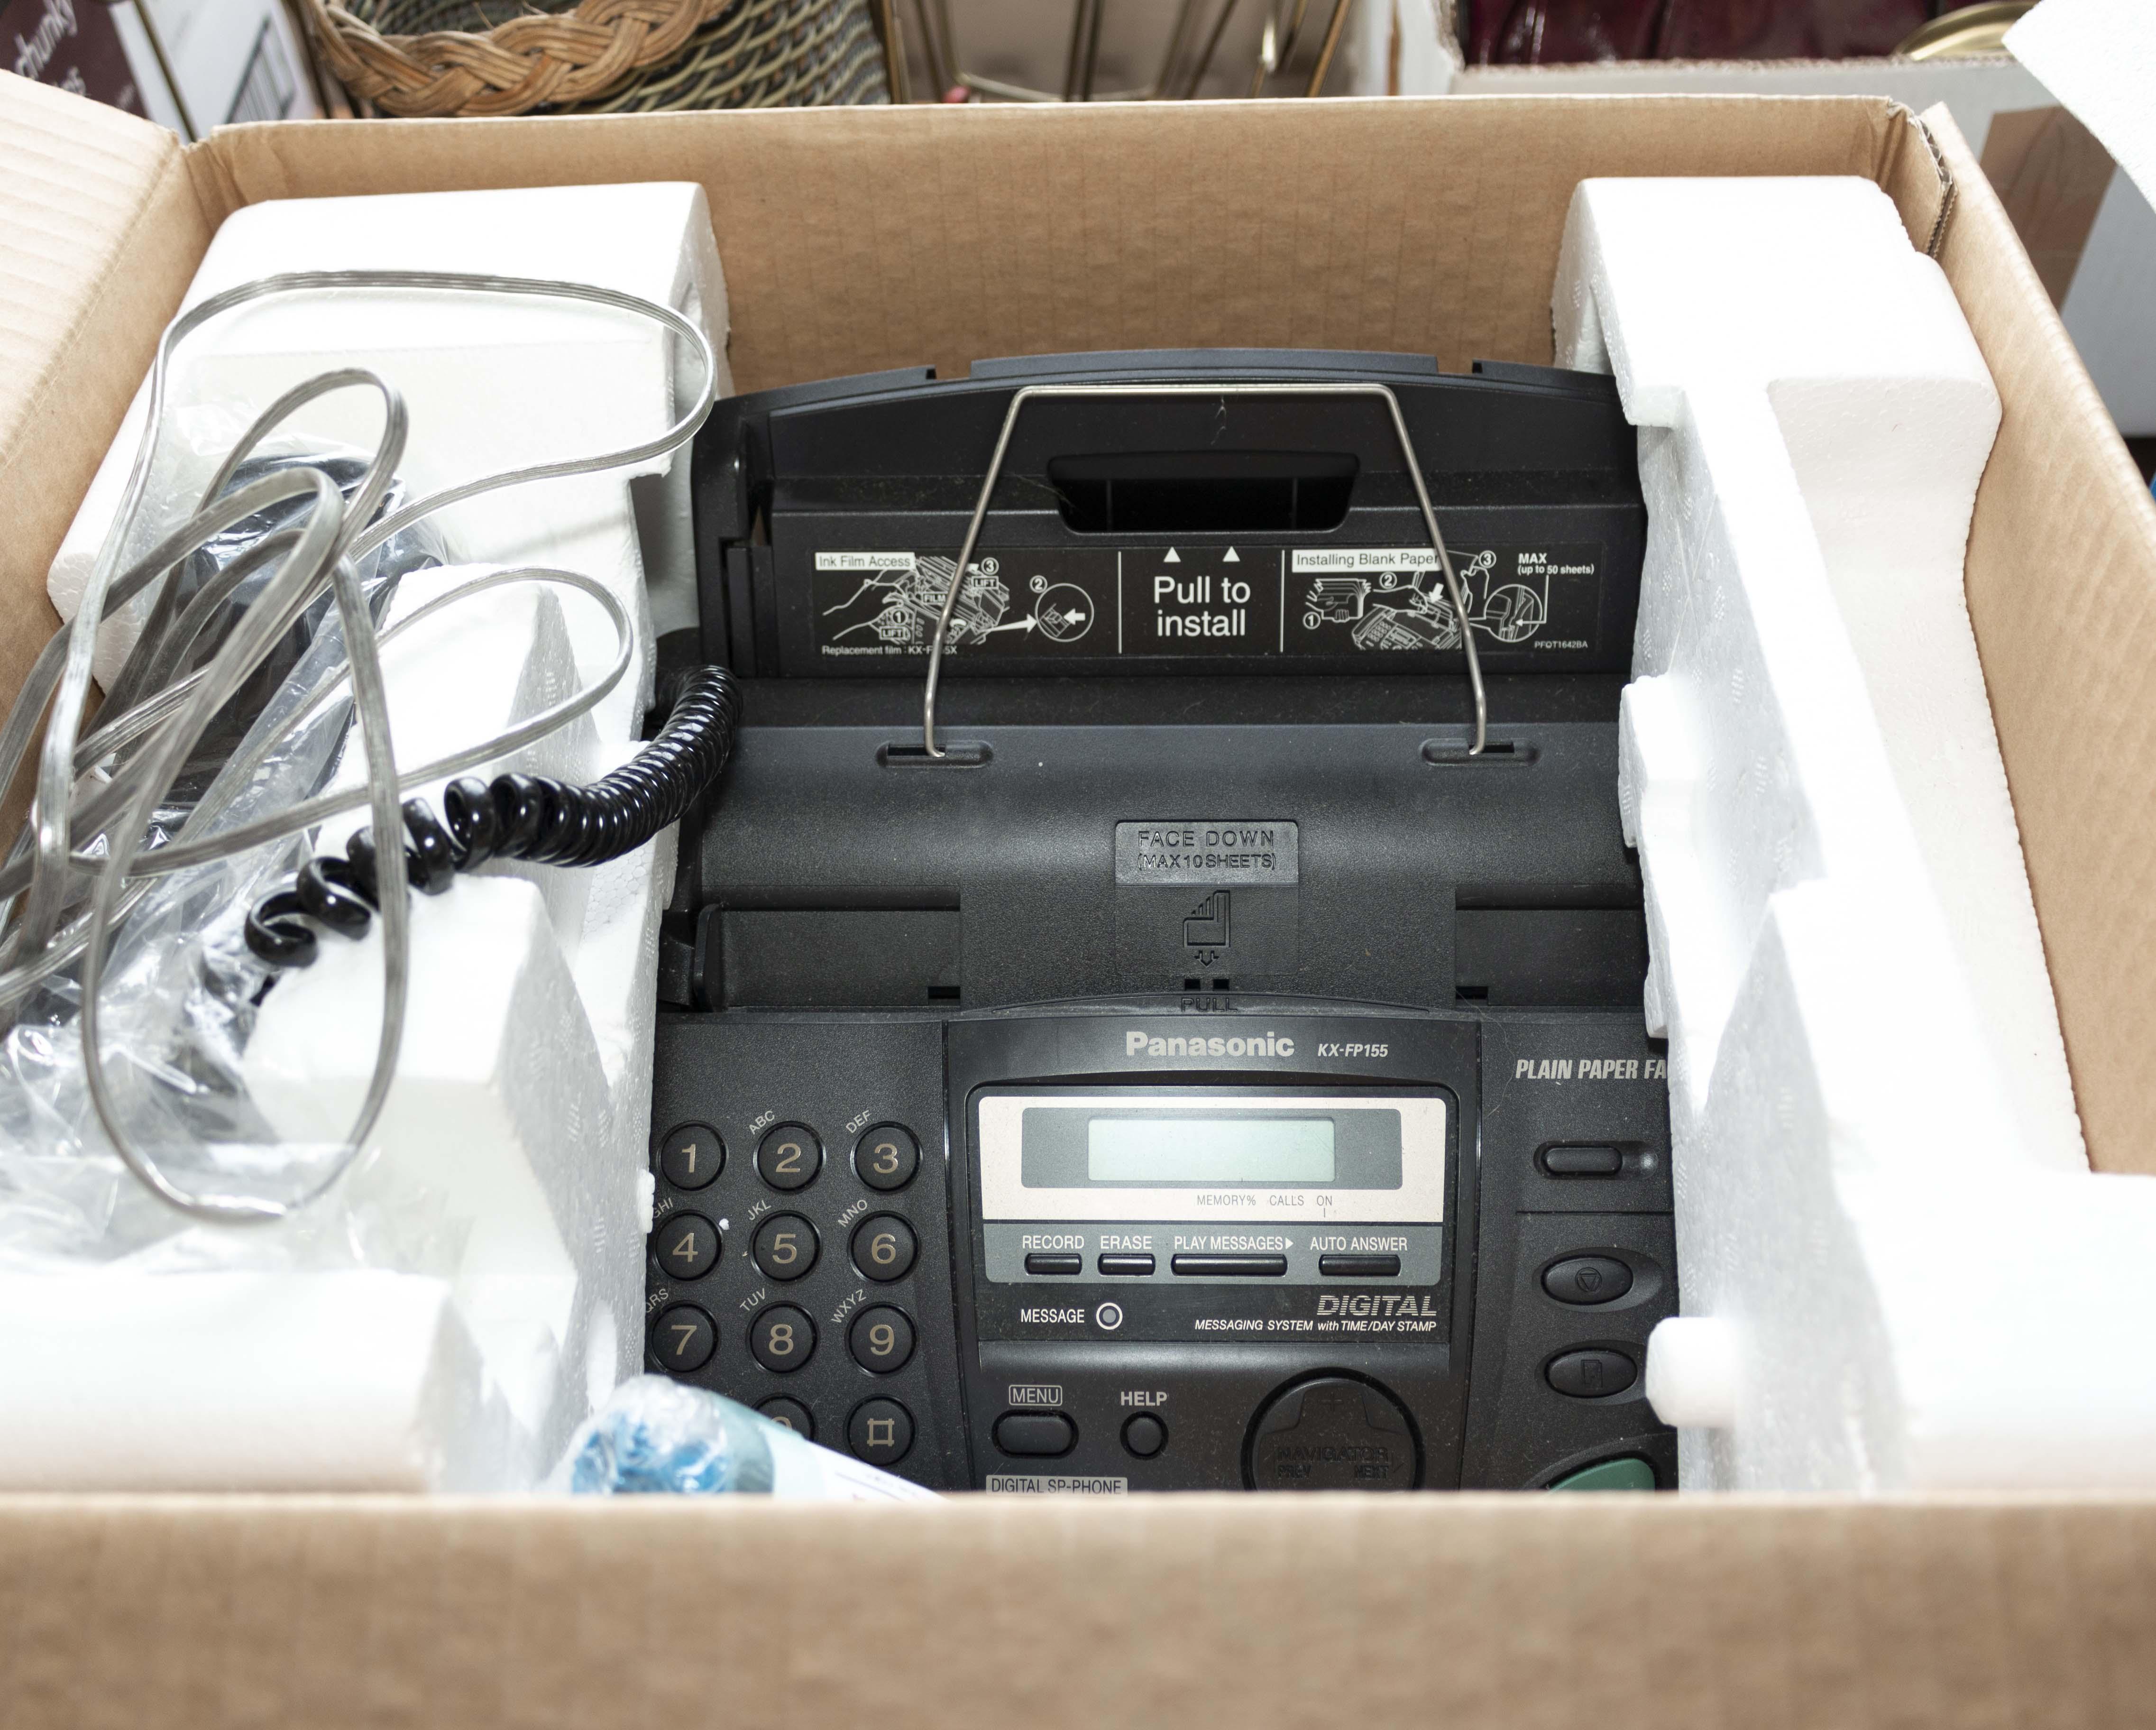 Lot 31 - A Panasonic KX-FP155E fax machine (as new)